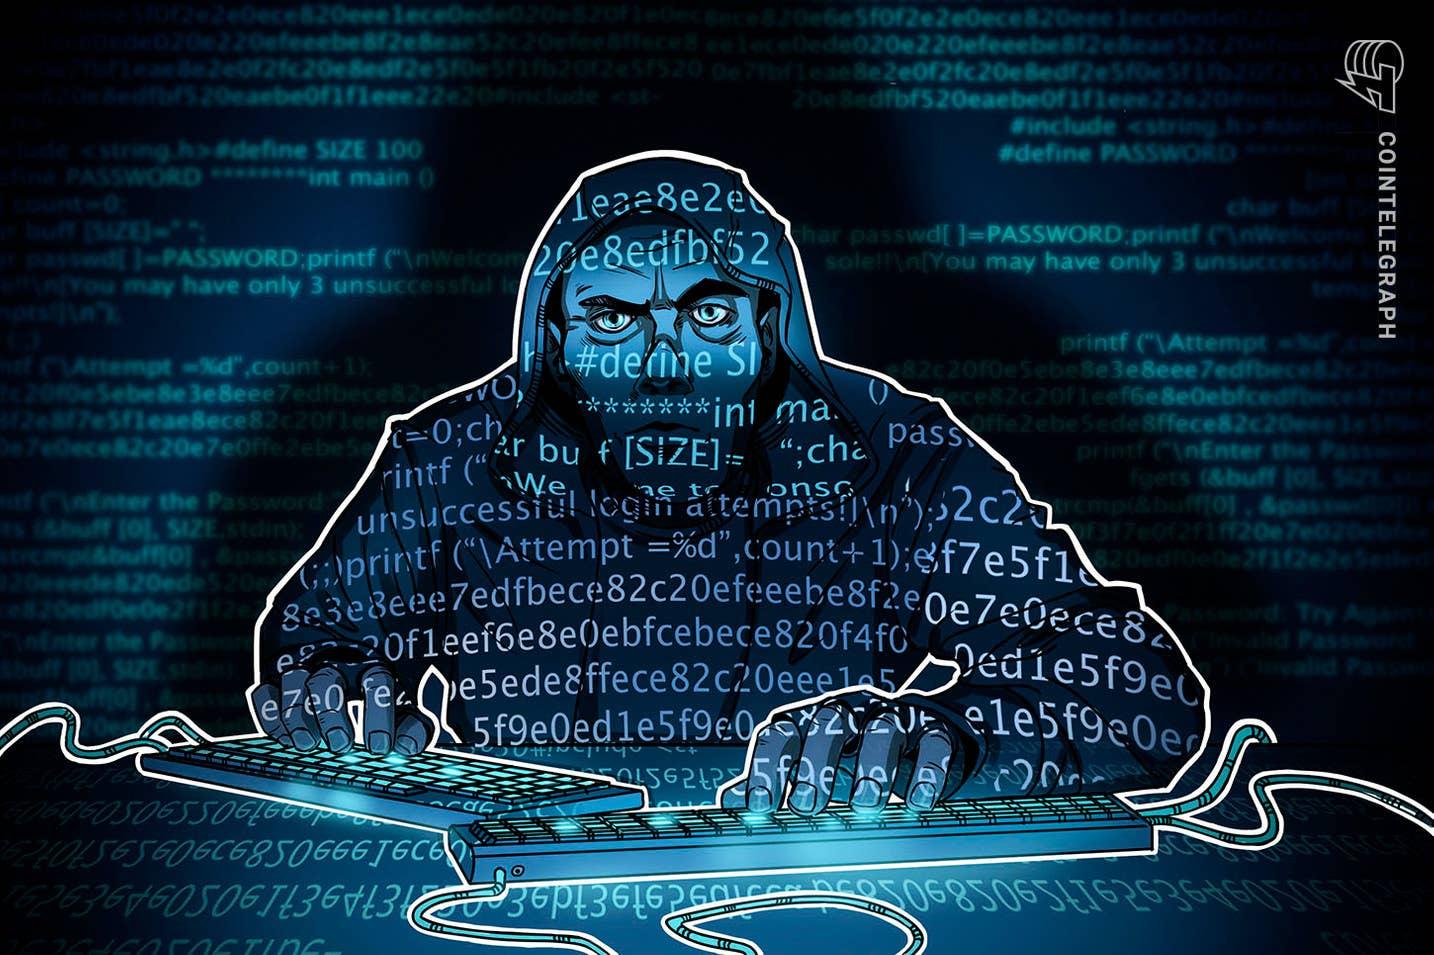 O último hack do DeFi que visa a BSC tem US $ 12.7 milhões em Bitcoins roubados da pNetwork